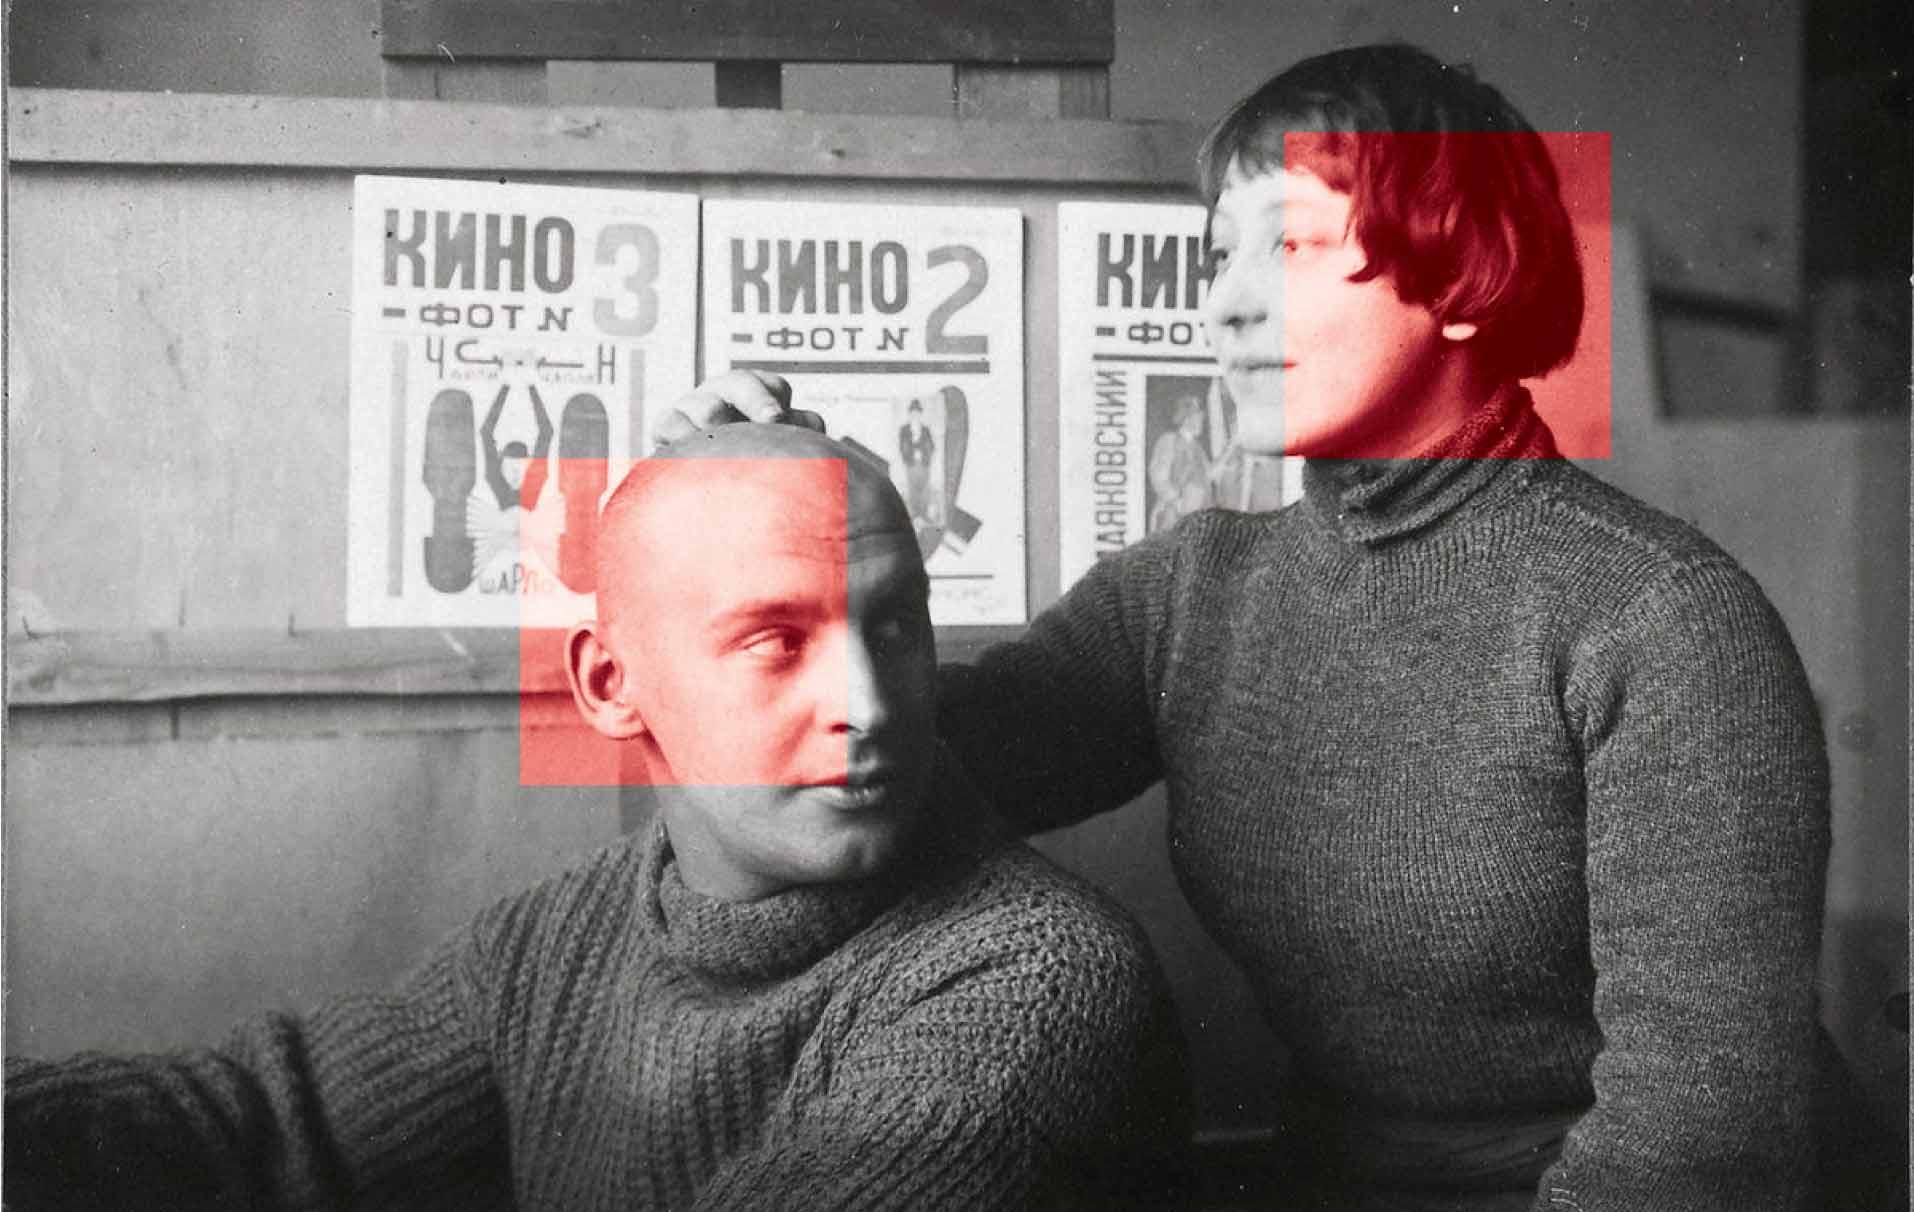 Ródchenko junto a Várvara Stepanova